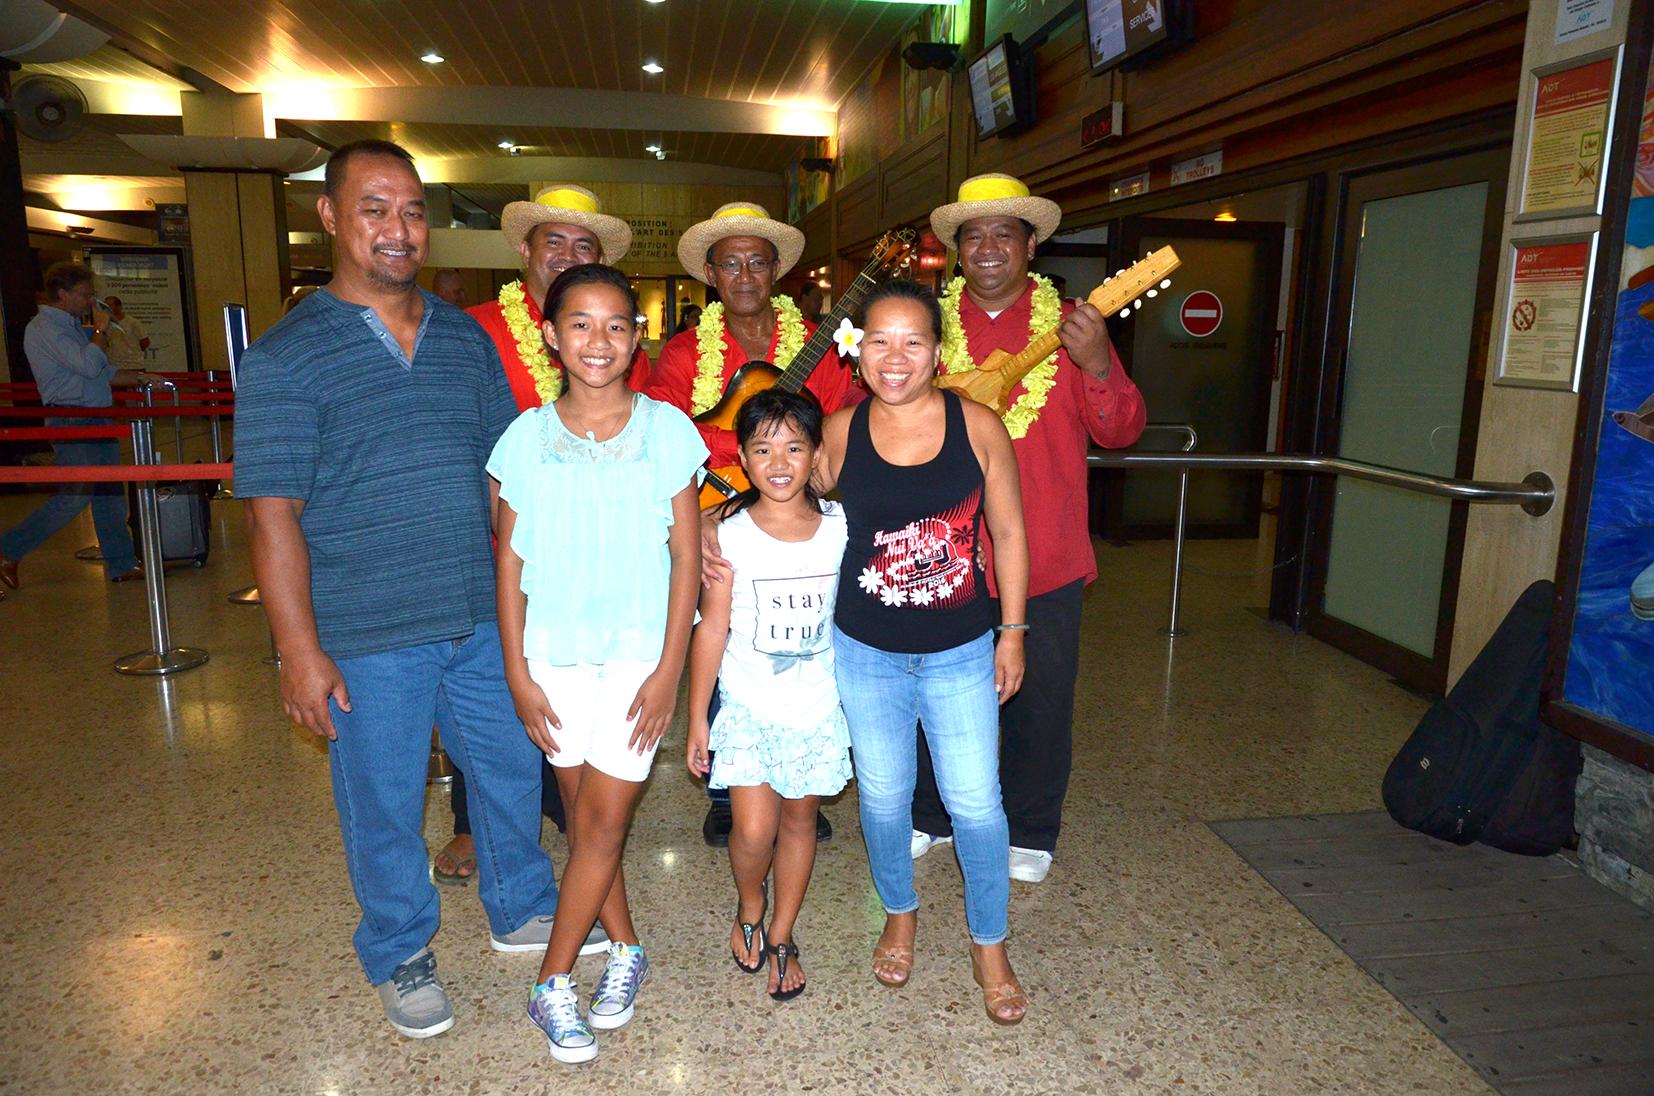 samedi soir, un départ en musique...la petite famille est venue assister à la fête...